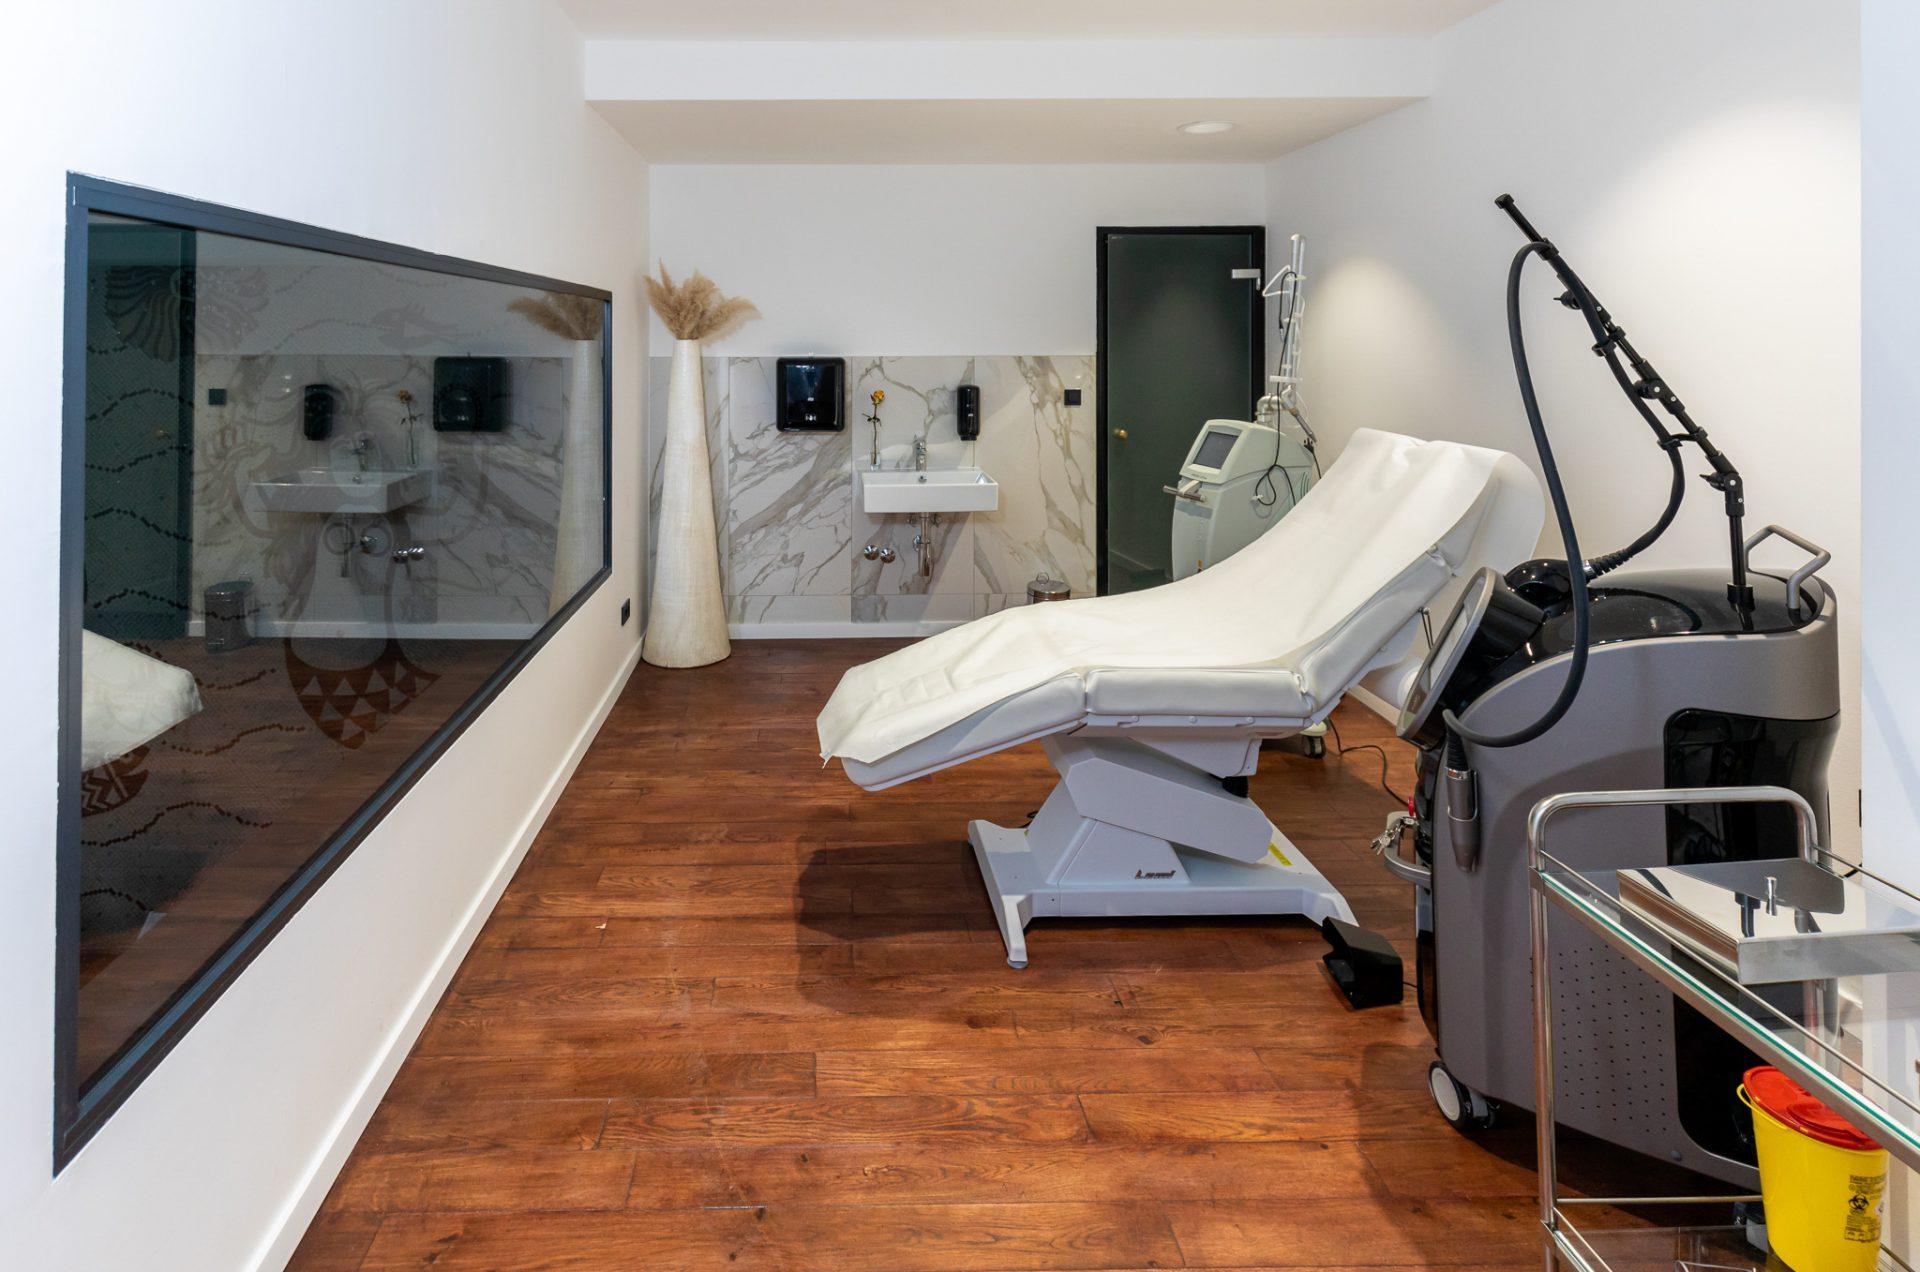 Extravagant health: Poliklinika Poliderma